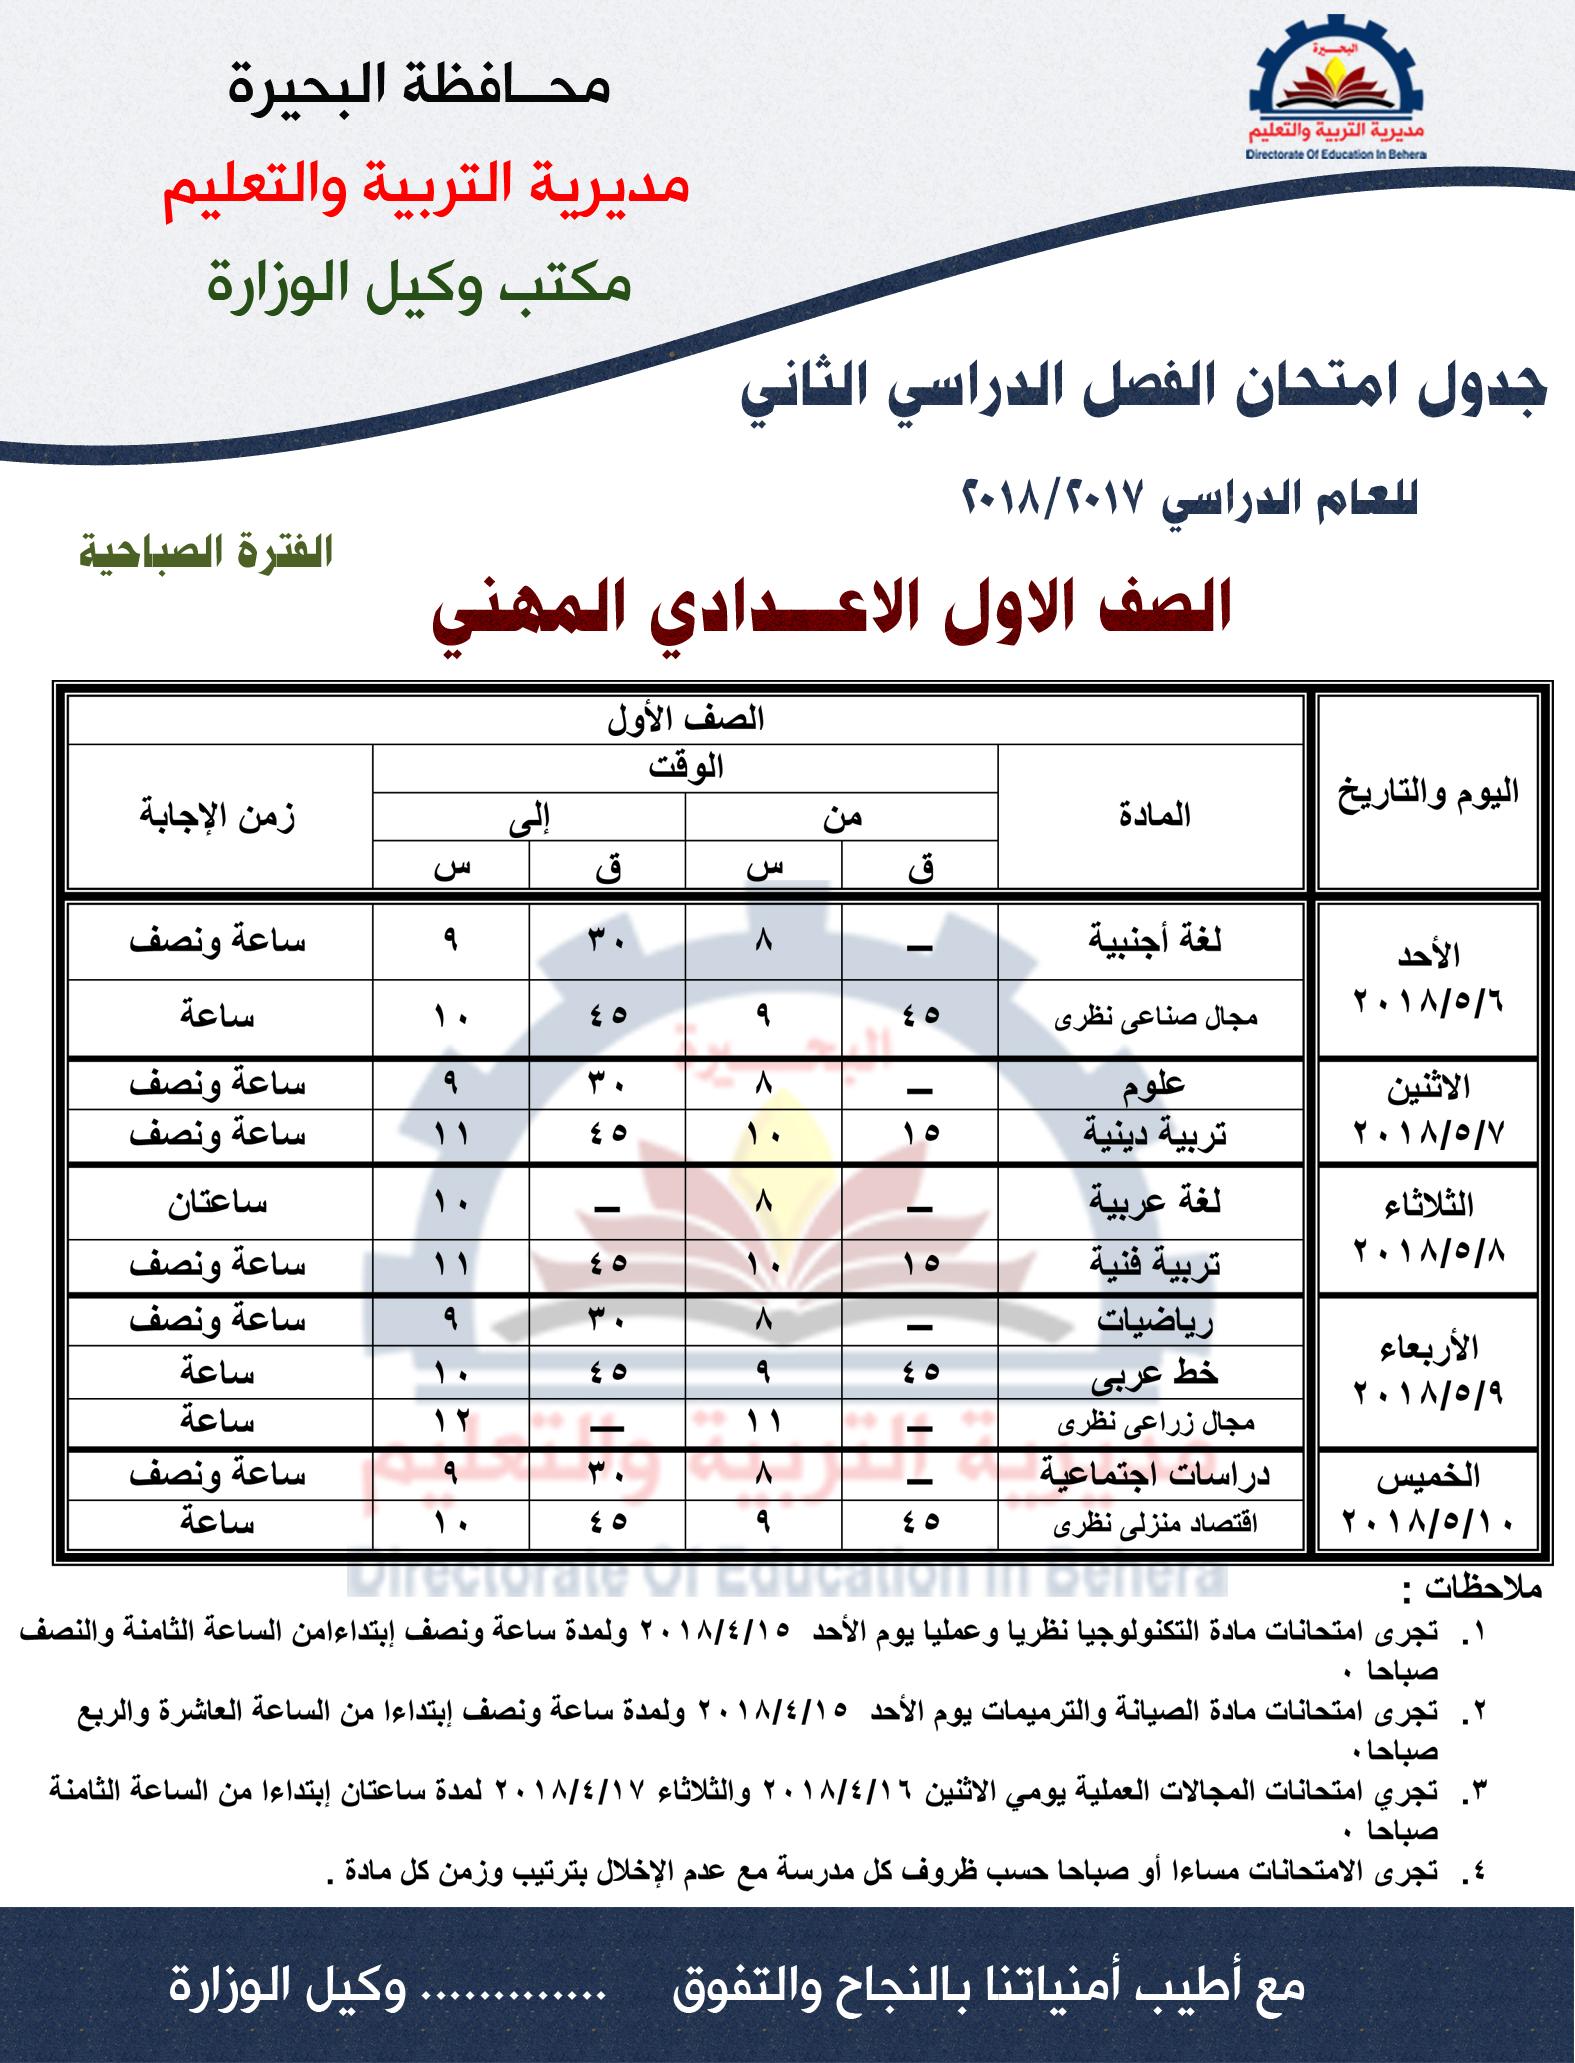 امتحانات الصف الأول الإعدادي في البحيرة 2018